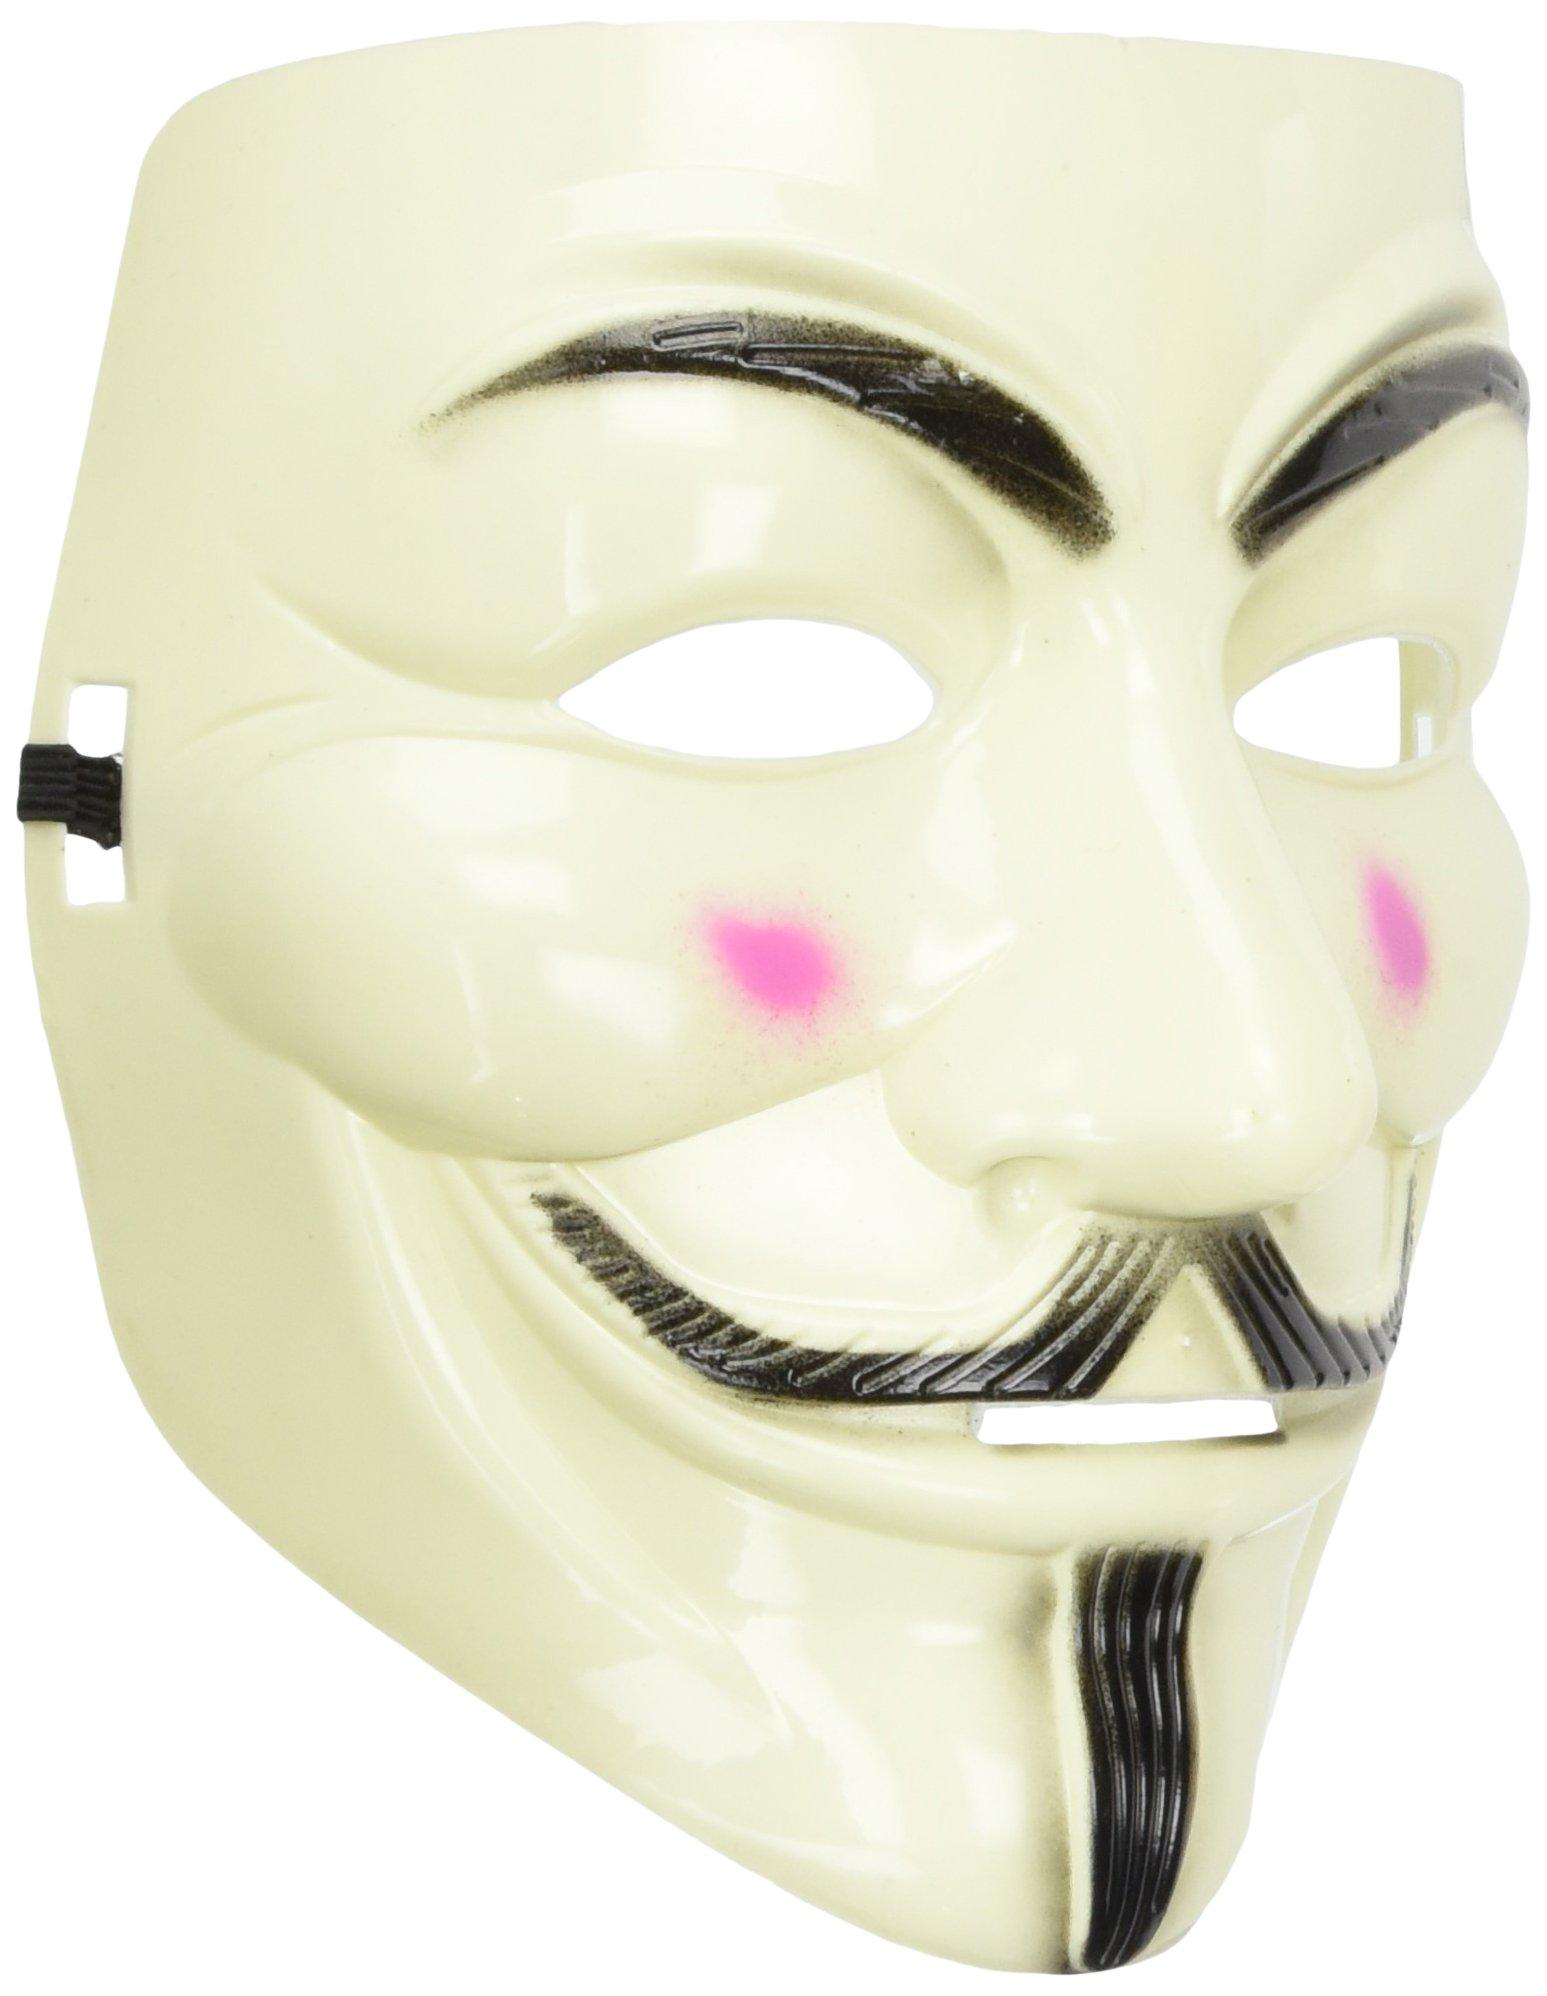 OLIA DESIGN VY V for Vendetta Mask Guy, White